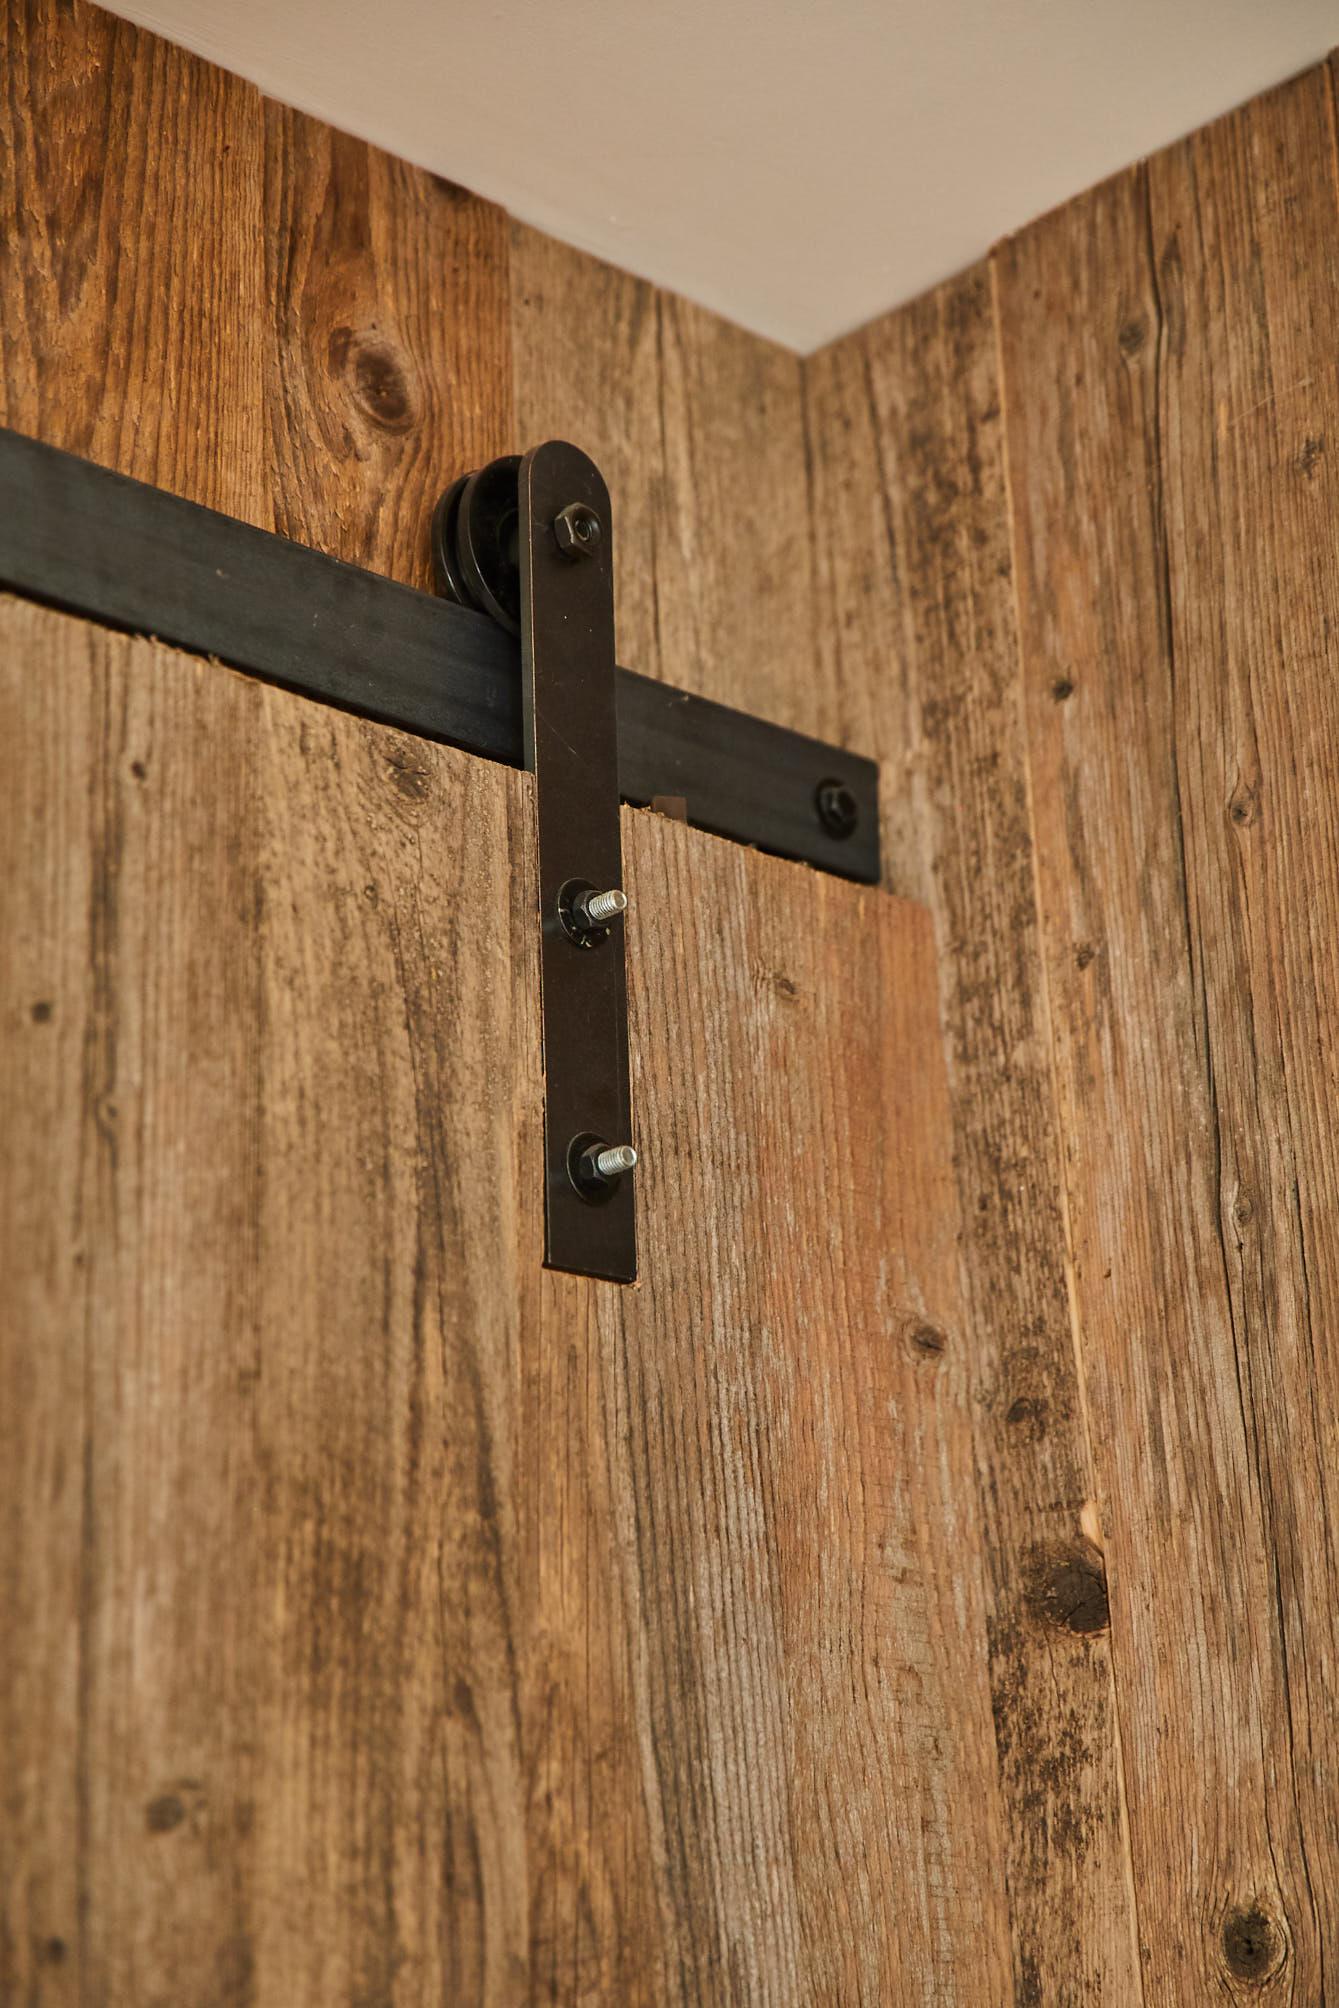 Raw iron sliding door mechanism